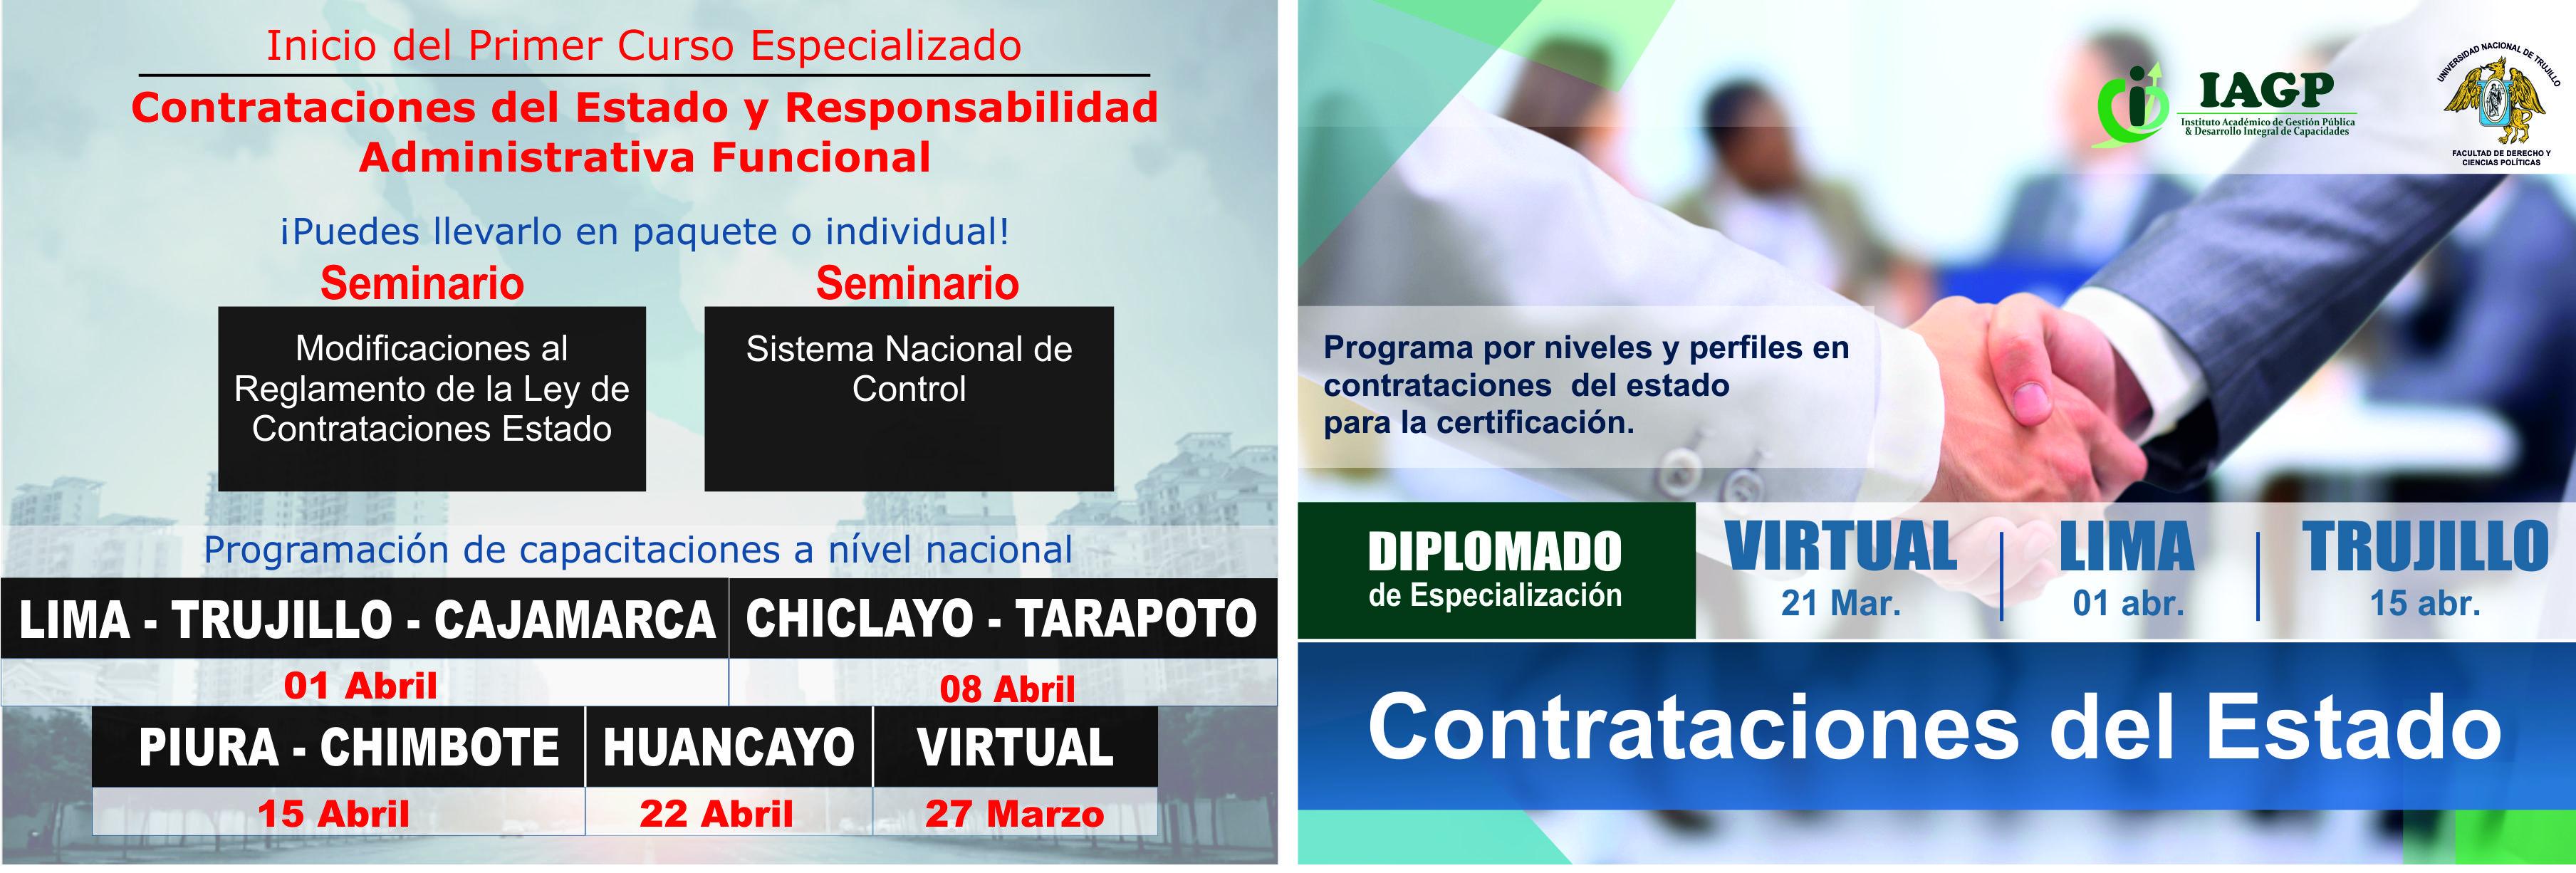 Diplomado de Especialización Contrataciones del Estado